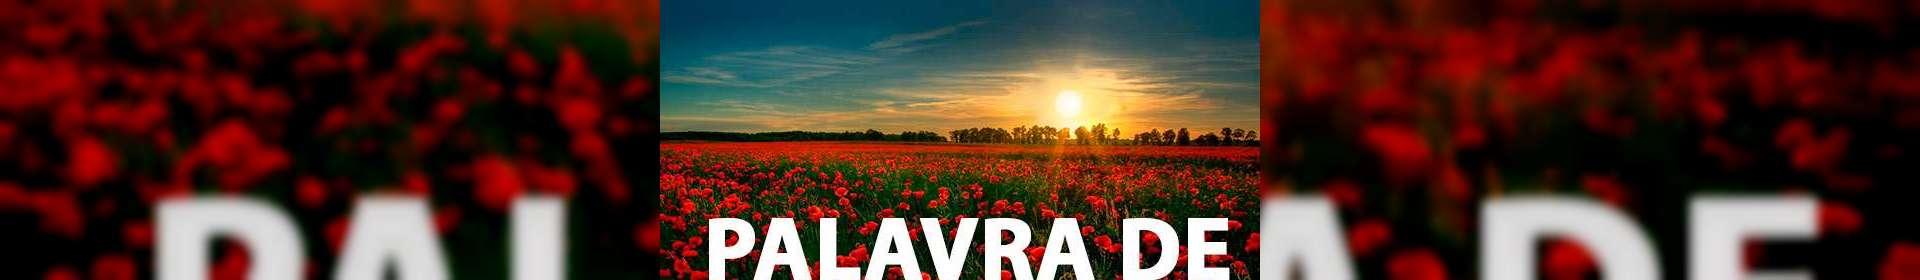 Salmos 107:6,7 - Uma Palavra de Esperança para sua vida